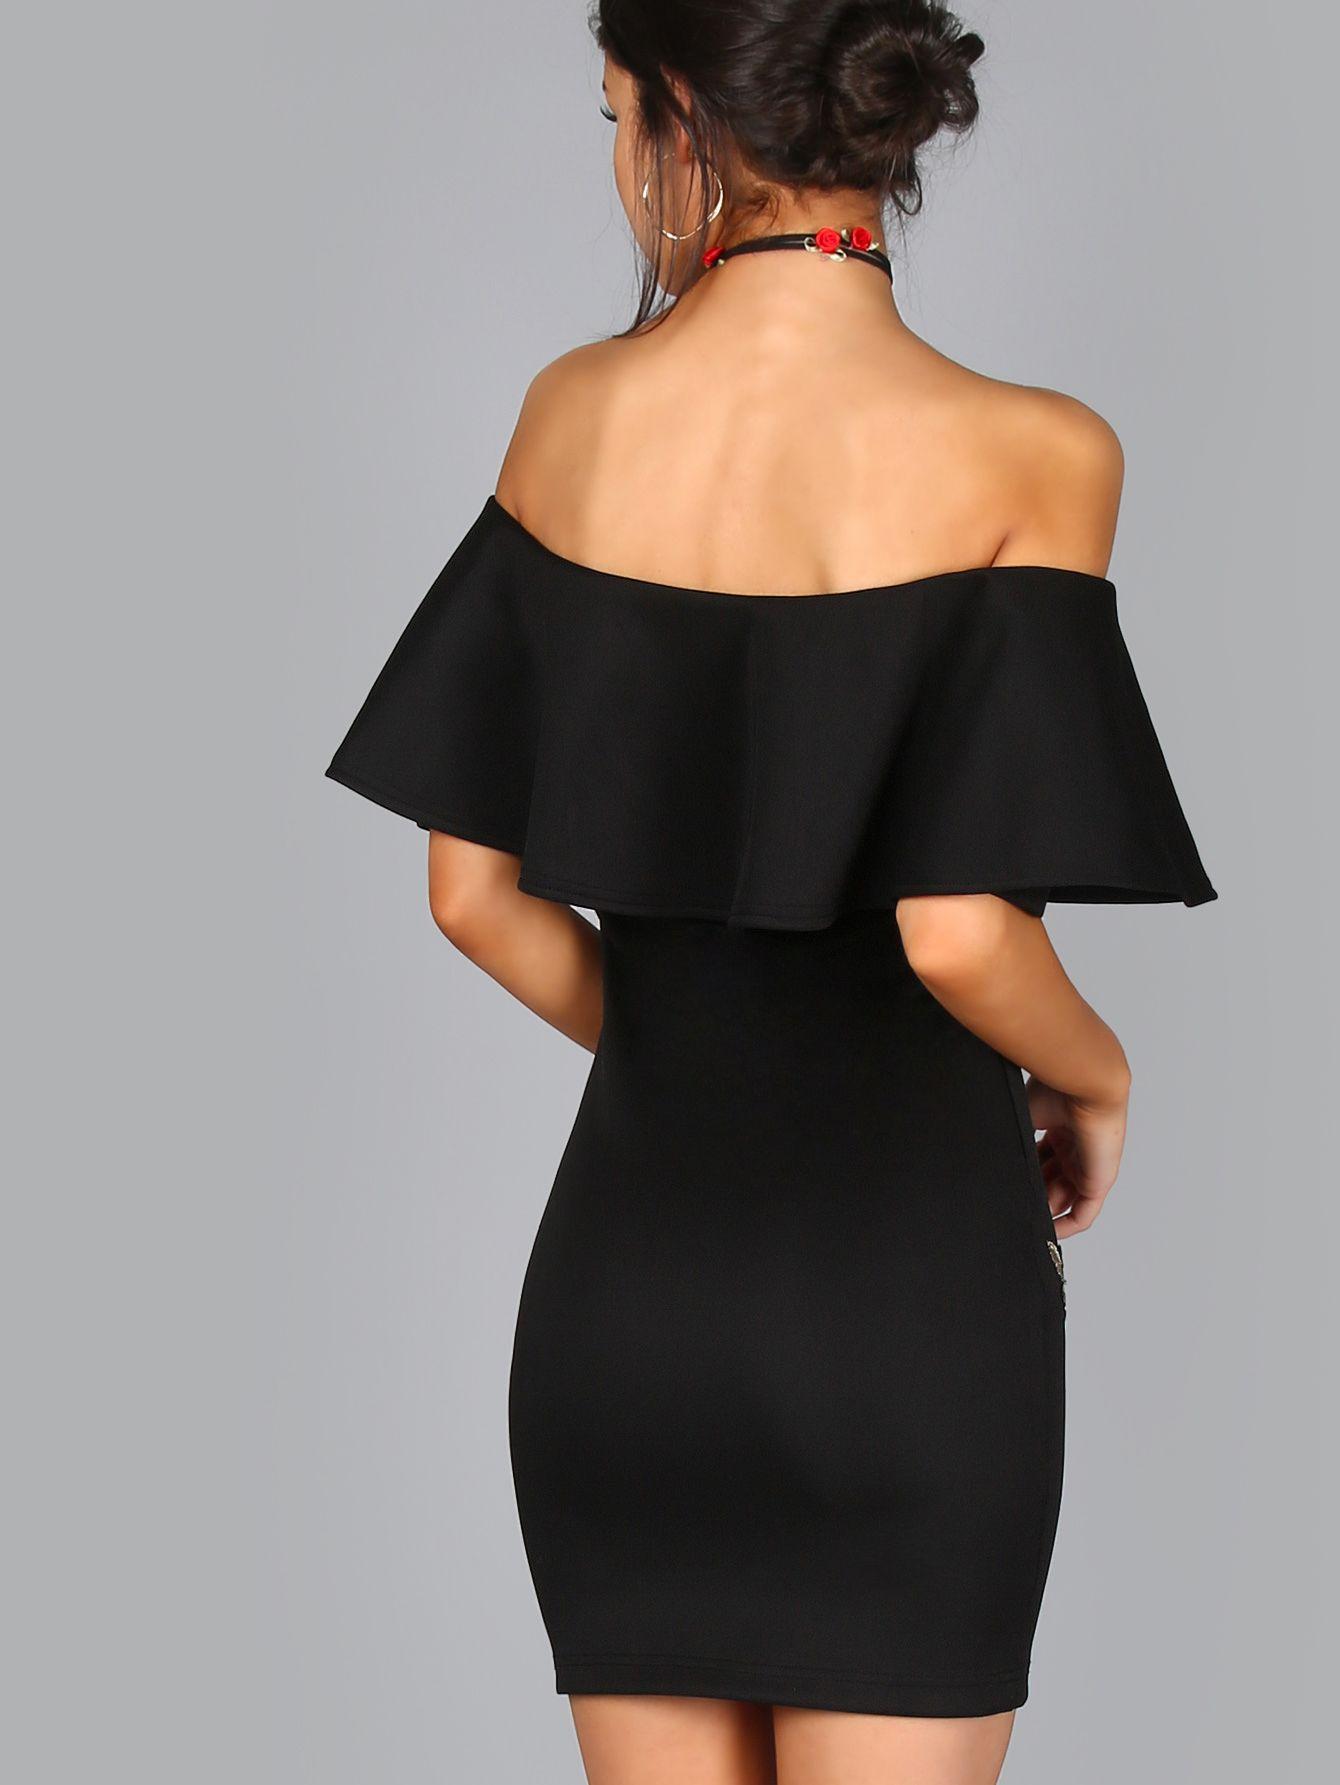 Embroidered Rose Applique Off Shoulder Ruffle Dress  Modestil